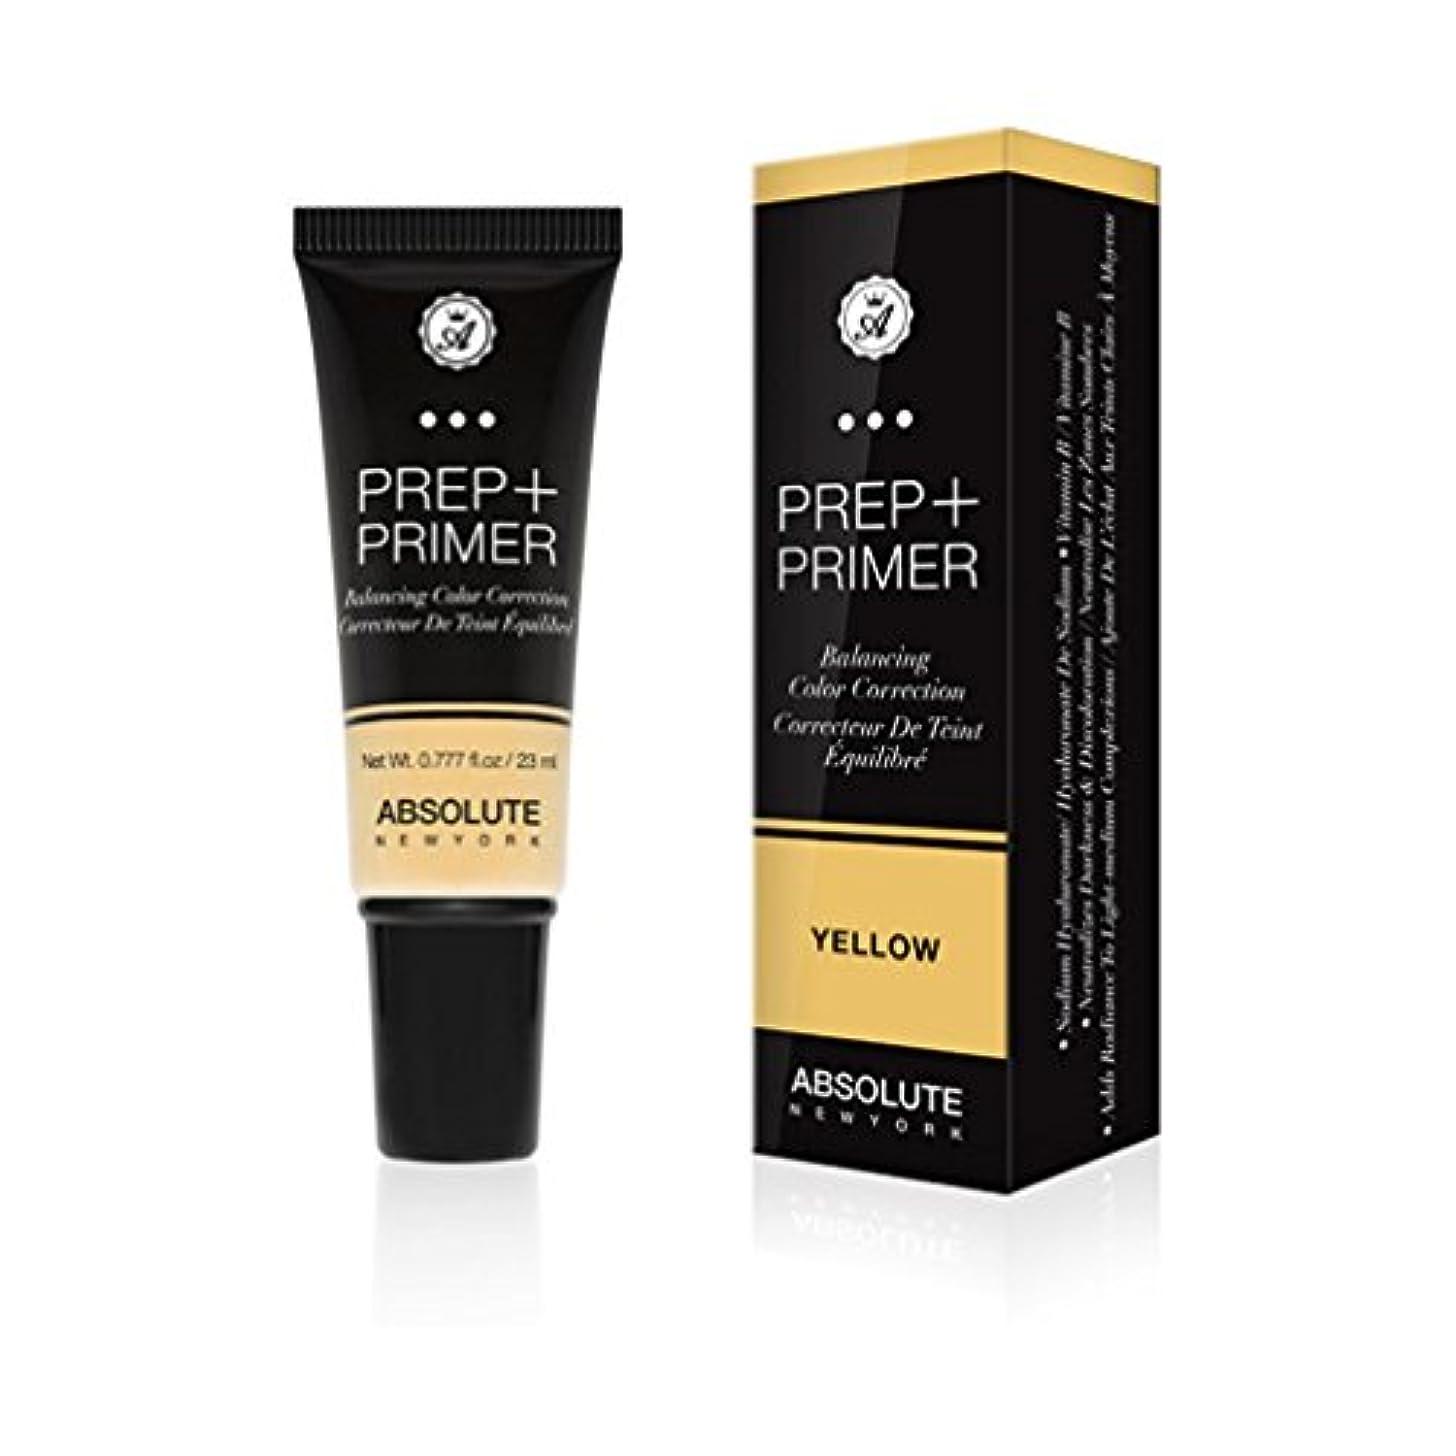 法医学マント傀儡ABSOLUTE Prep + Primer - Yellow (並行輸入品)